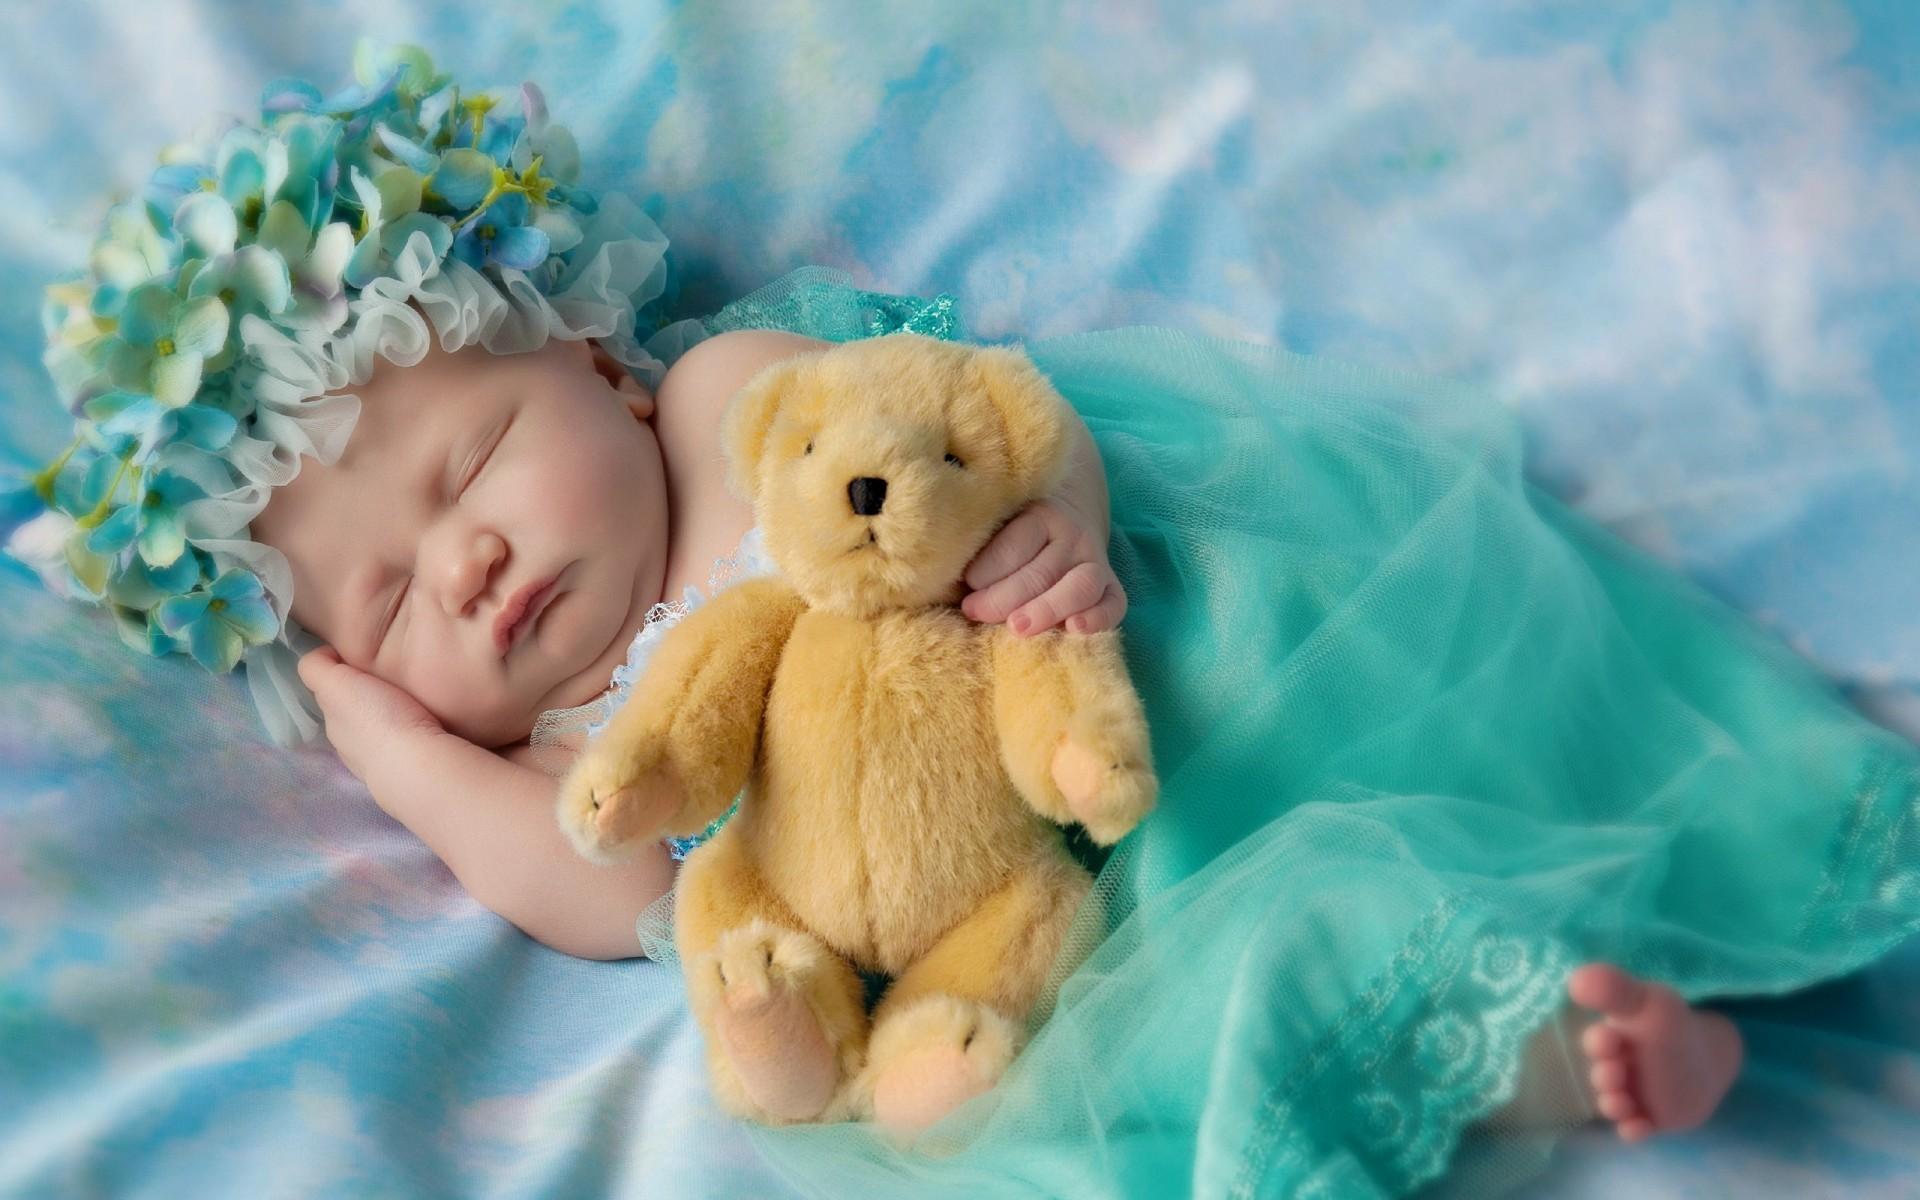 Cute Teddy Bear Live Wallpaper Free Download Teddy Bear Wallpapers 183 ①